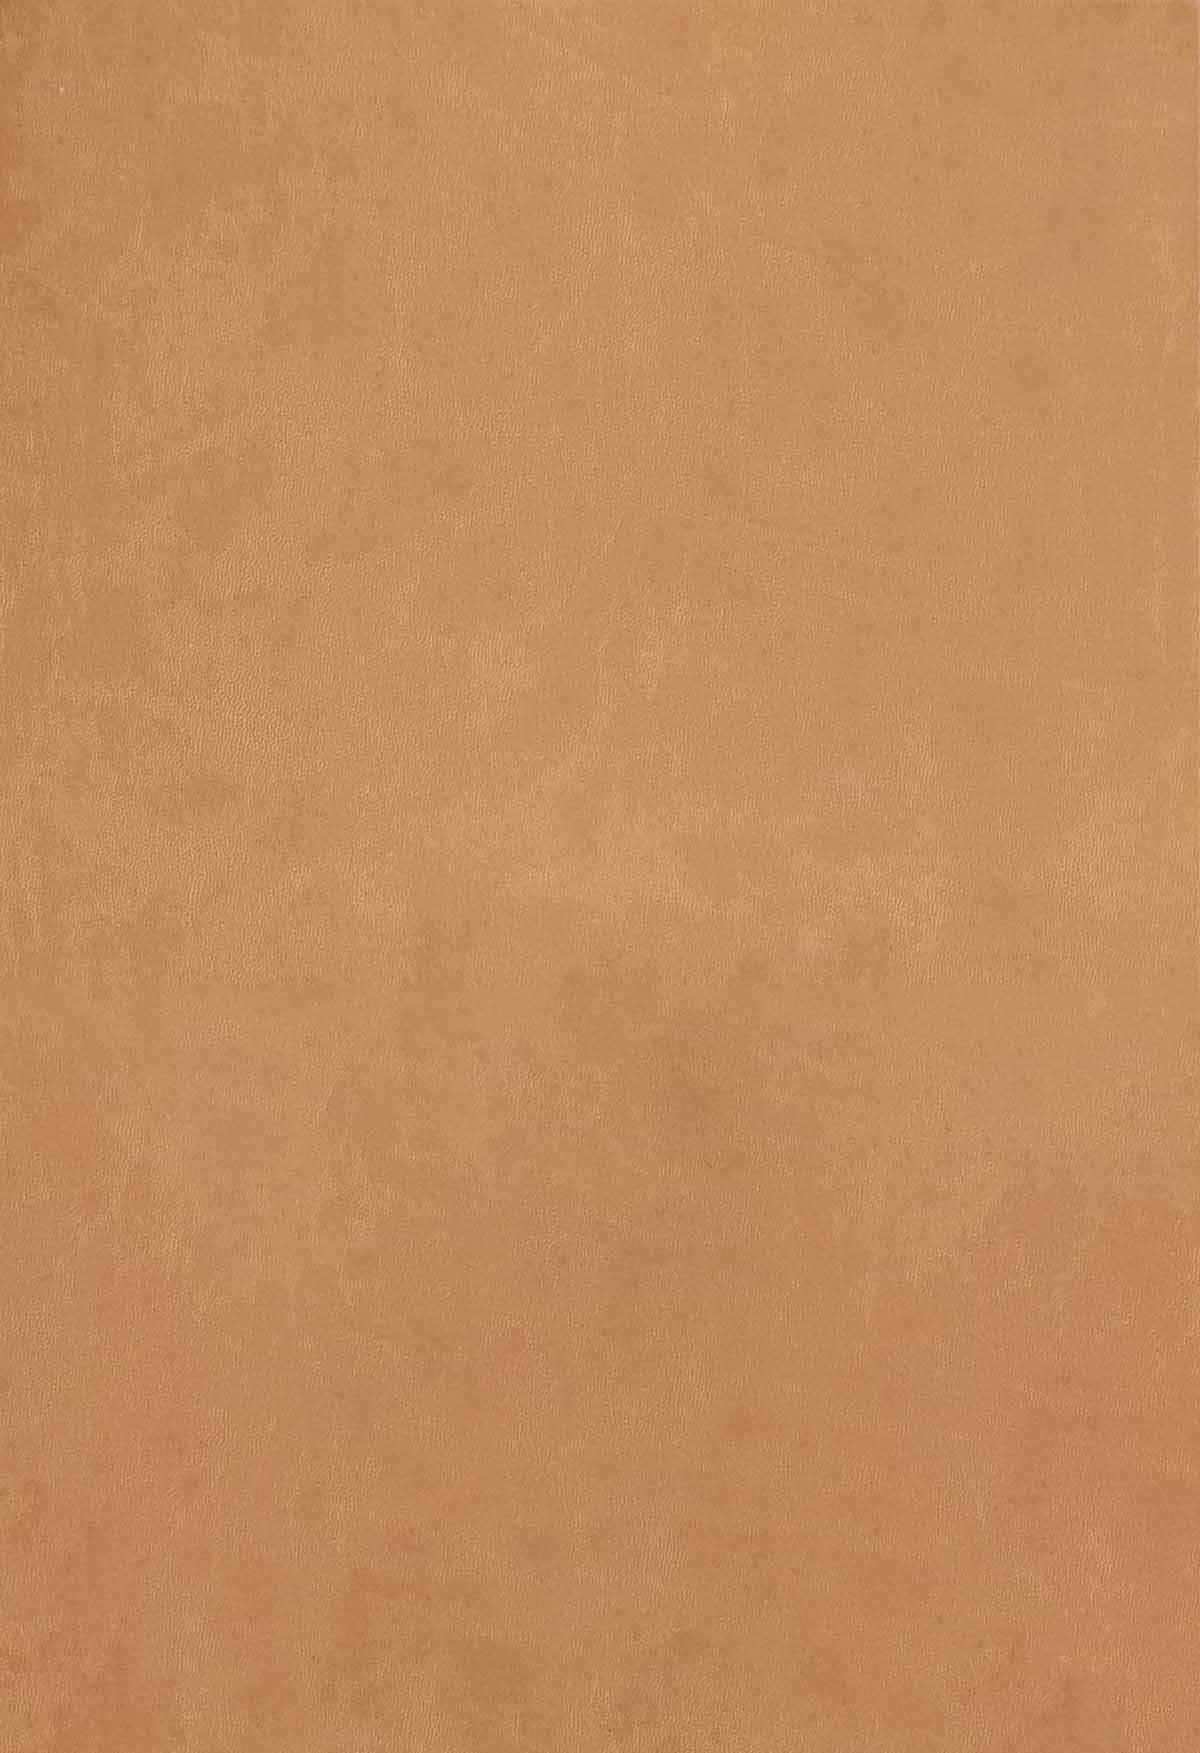 نظریه تلنگر در عمل (طراحی رفتاری در سیاست و بازارها)